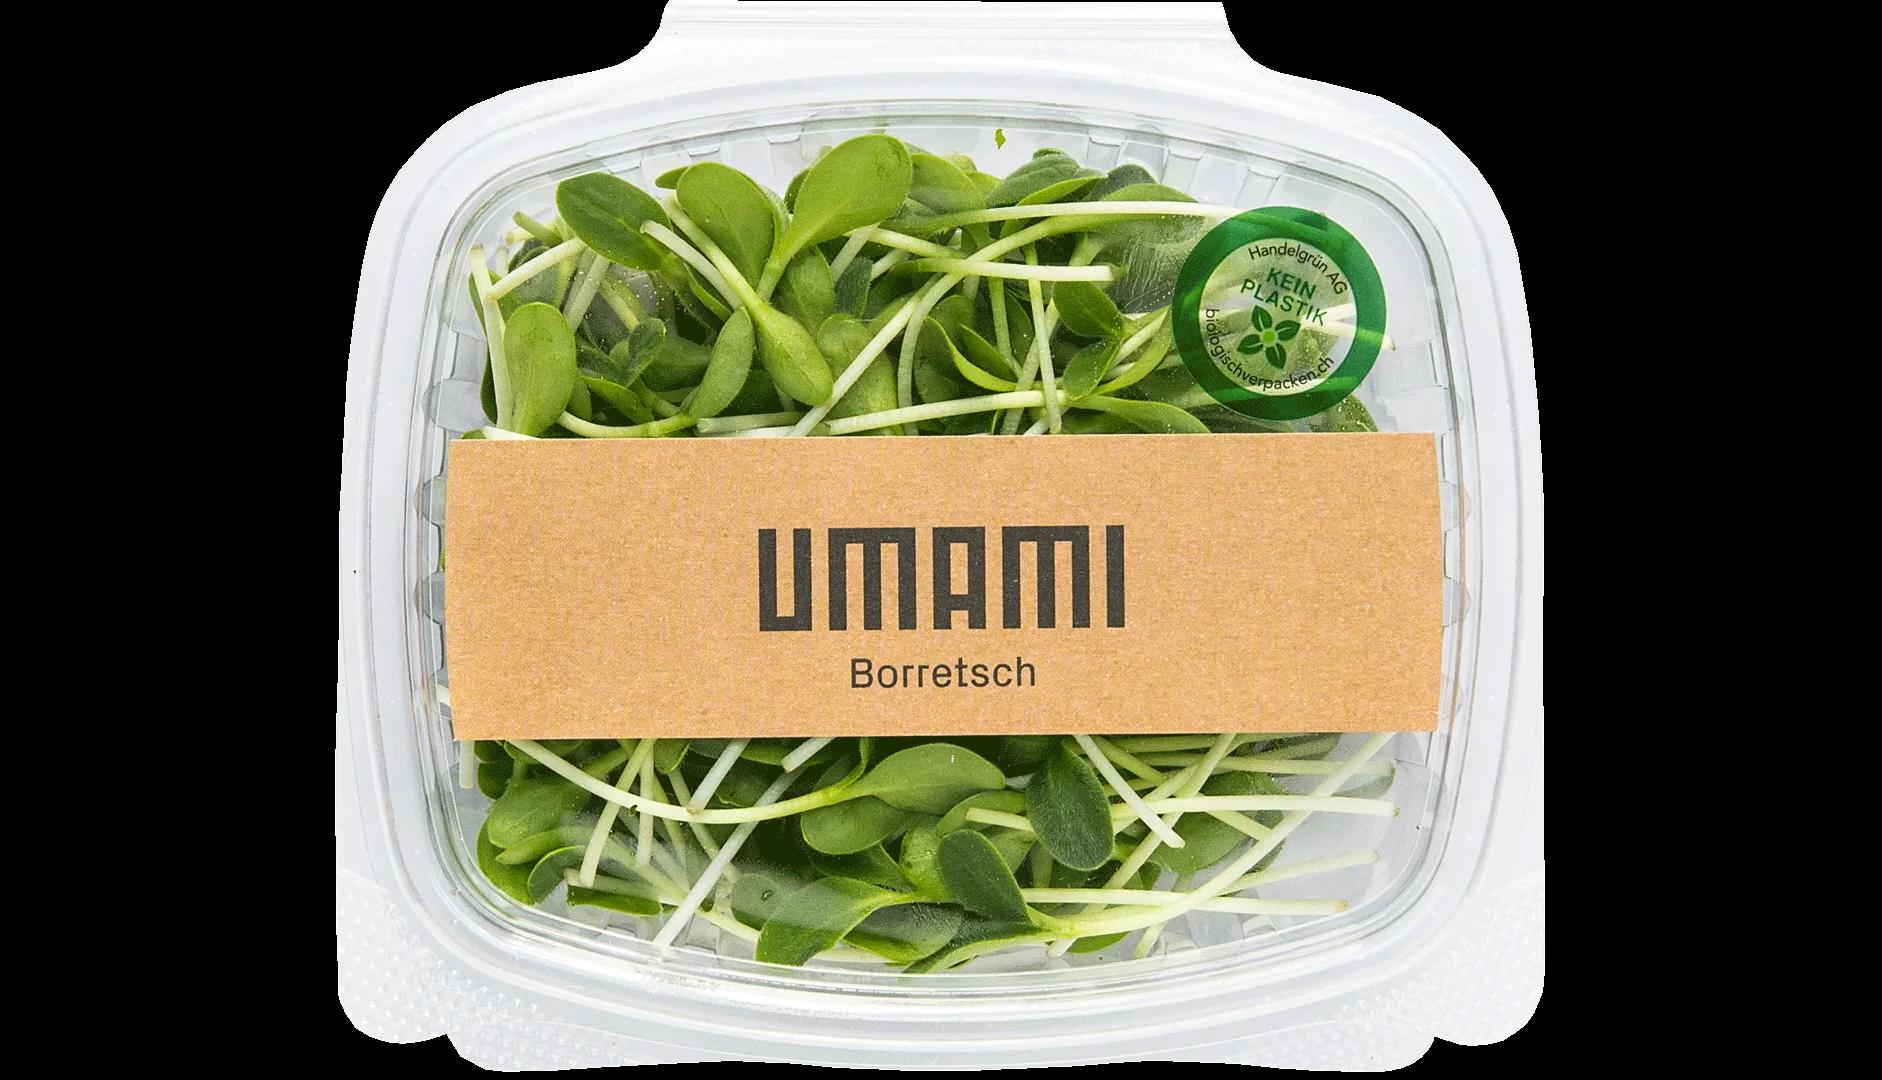 Borretsch MIcrogreens von der UMAMI Urban Farm